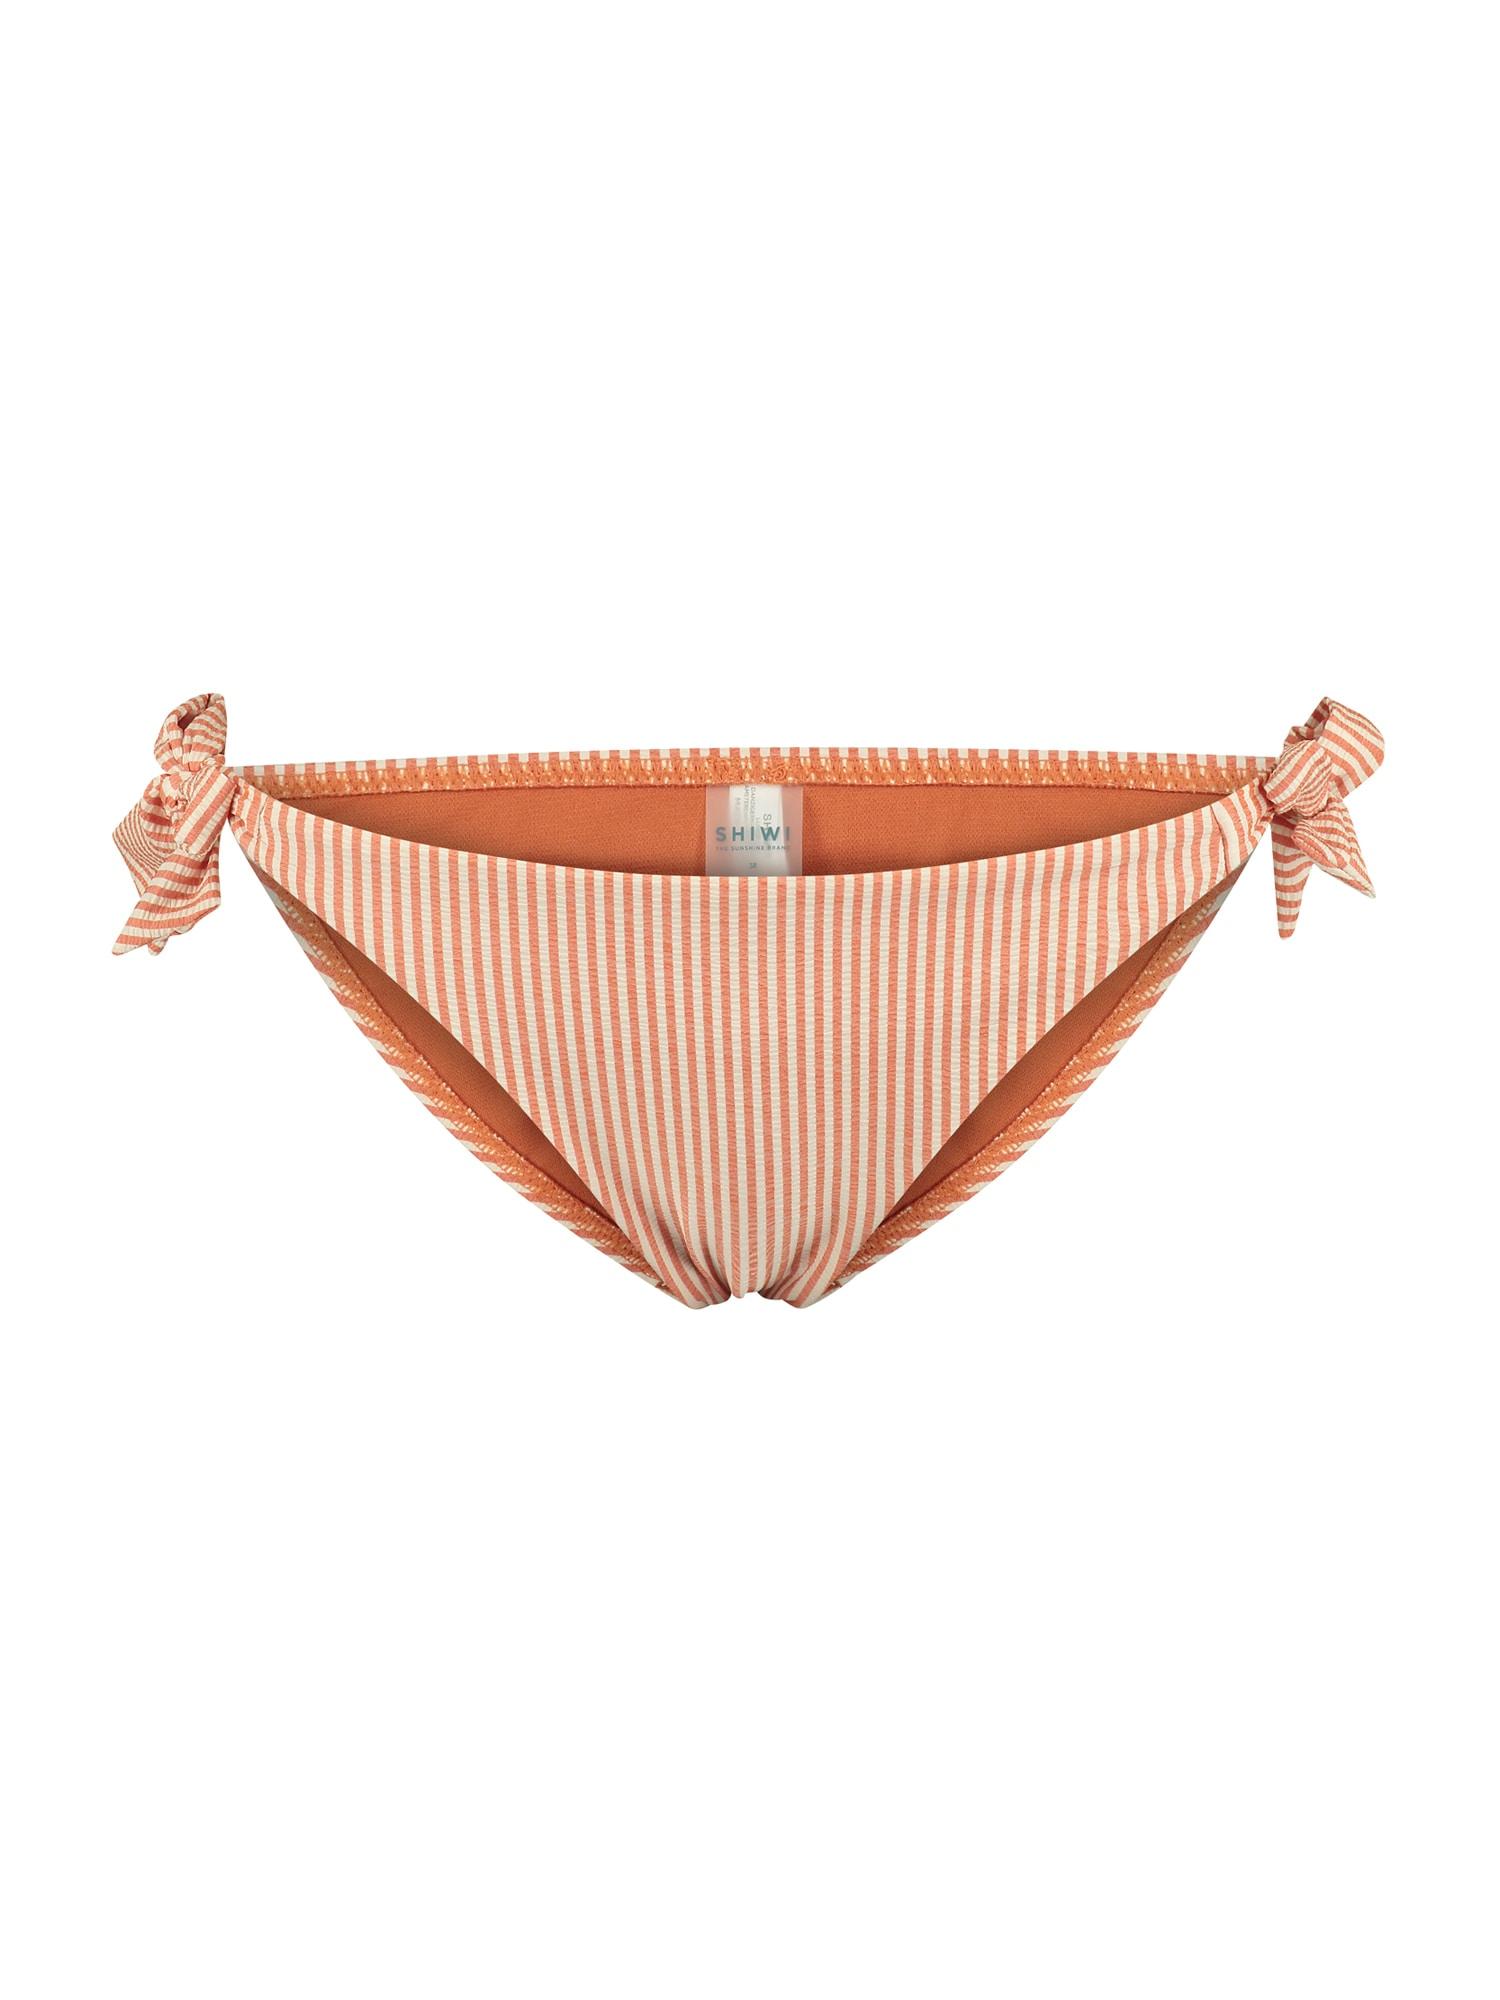 Shiwi Spodní díl plavek 'Ipanama'  oranžová / bílá